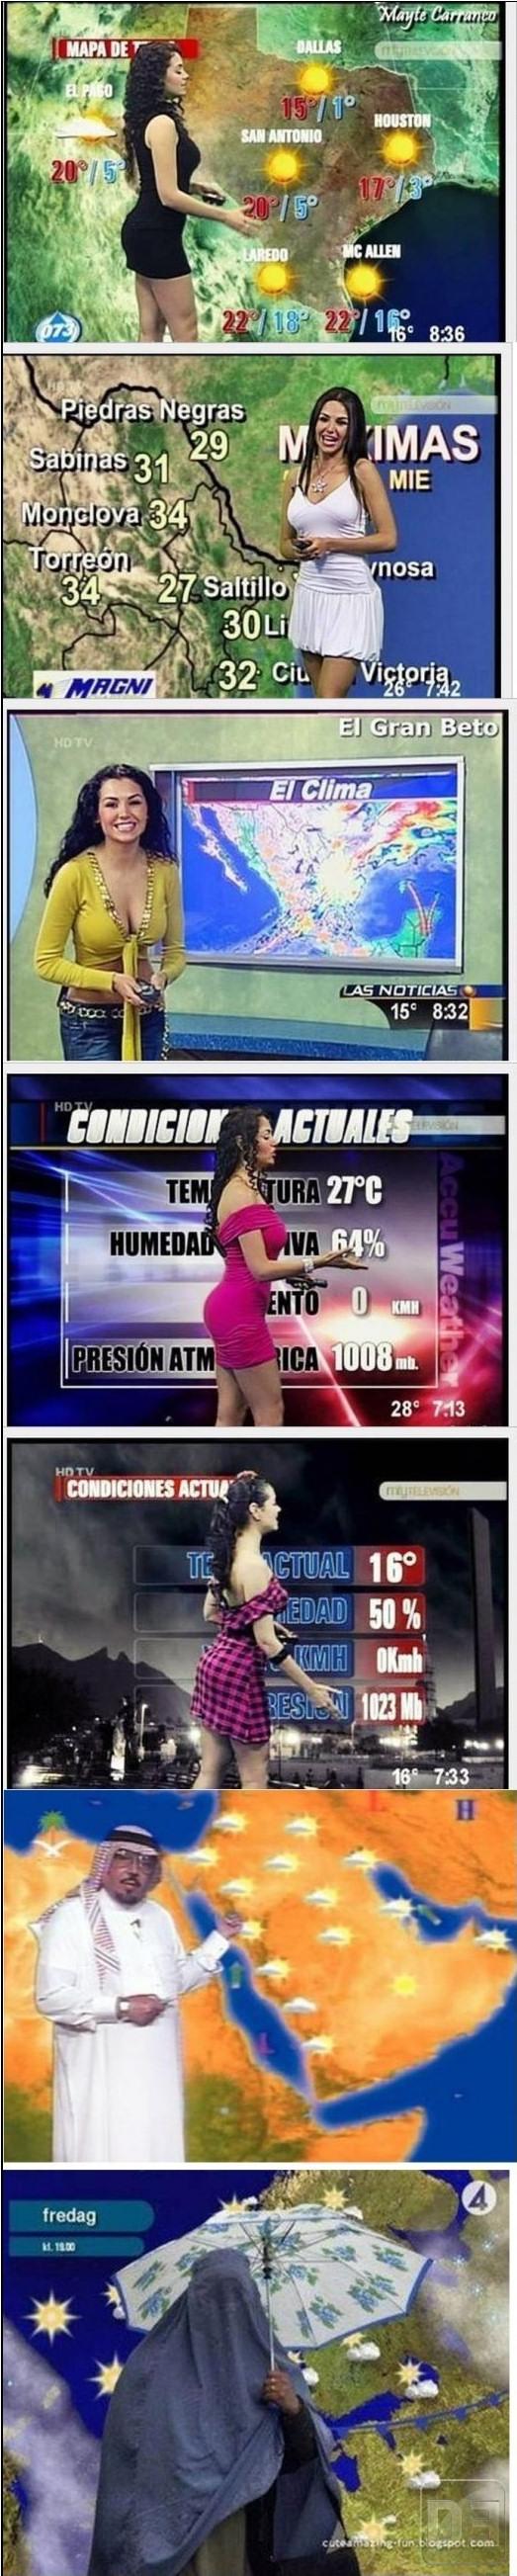 chicas tiempo television metereologico